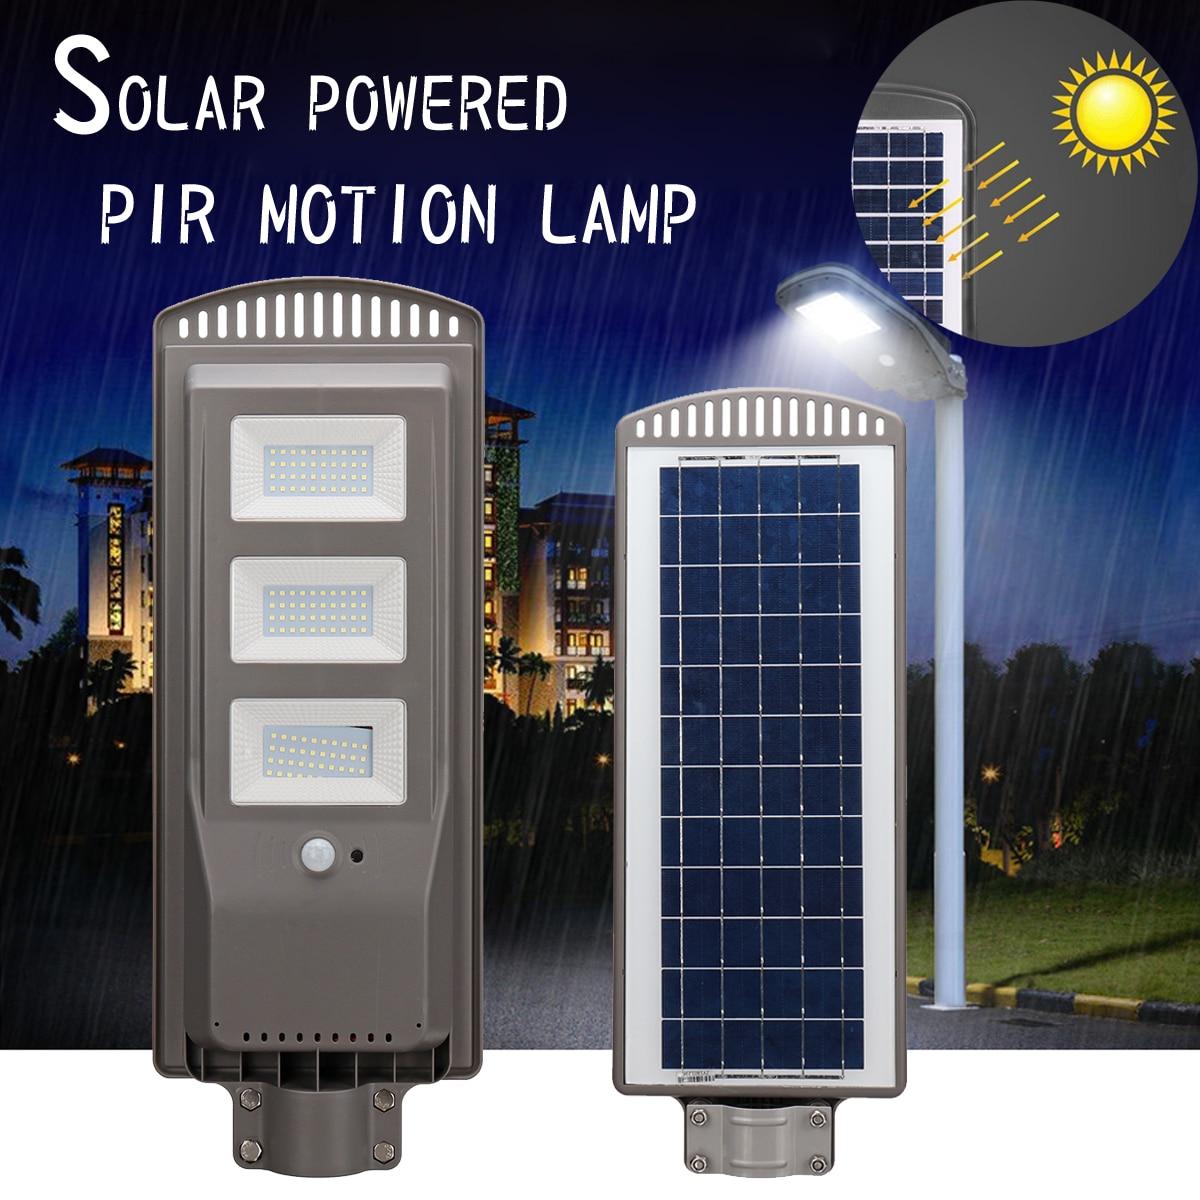 60 Вт светодиодный Сенсор с питанием от солнечной панели Уолл-стрит свет движения PIR лампа из алюминиевого сплава Wterproof IP67 для наружного осве...